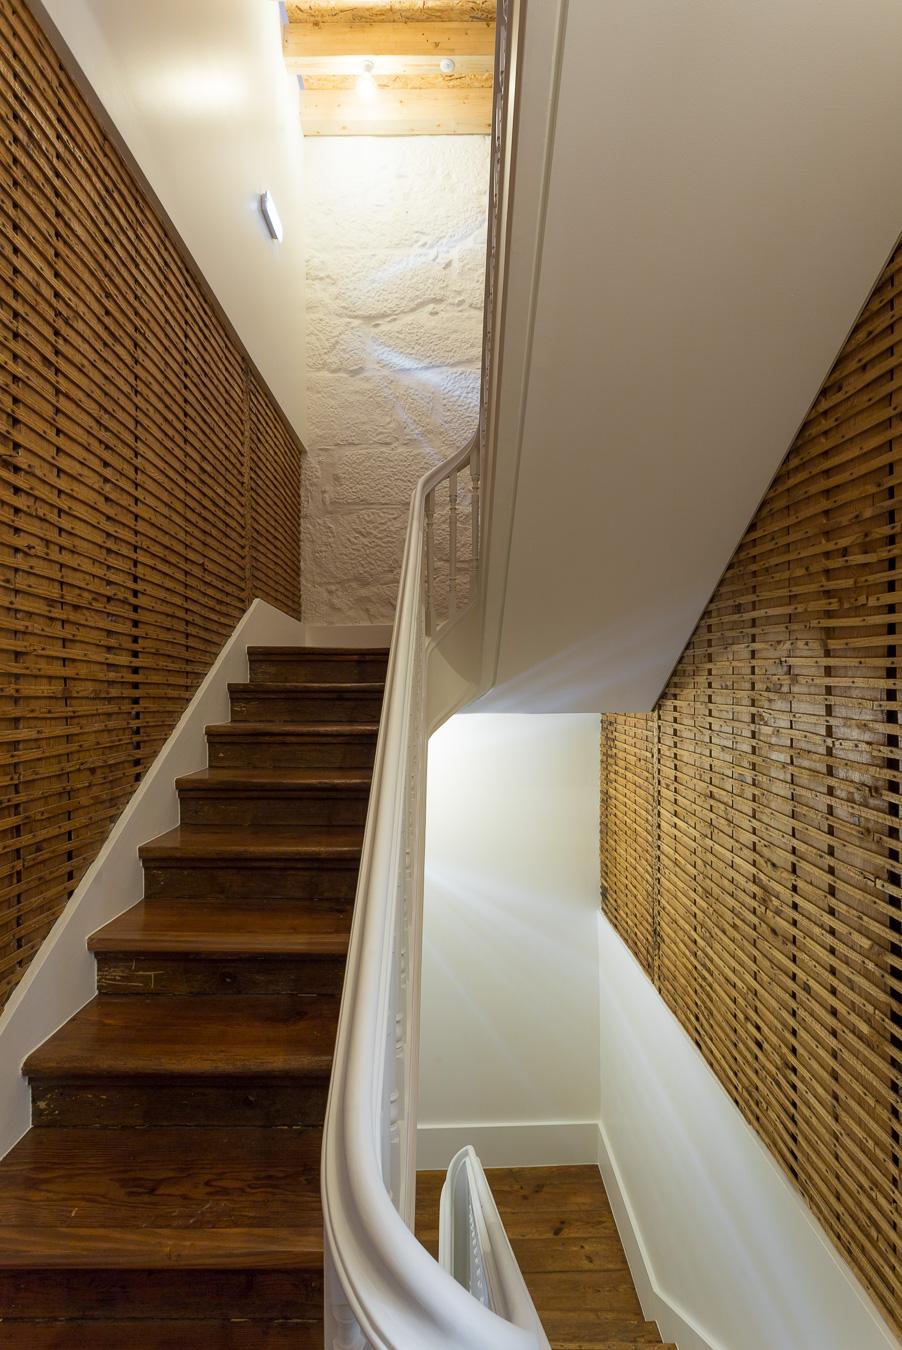 Arquitecto César Machado Moreira | Rua da Boavista